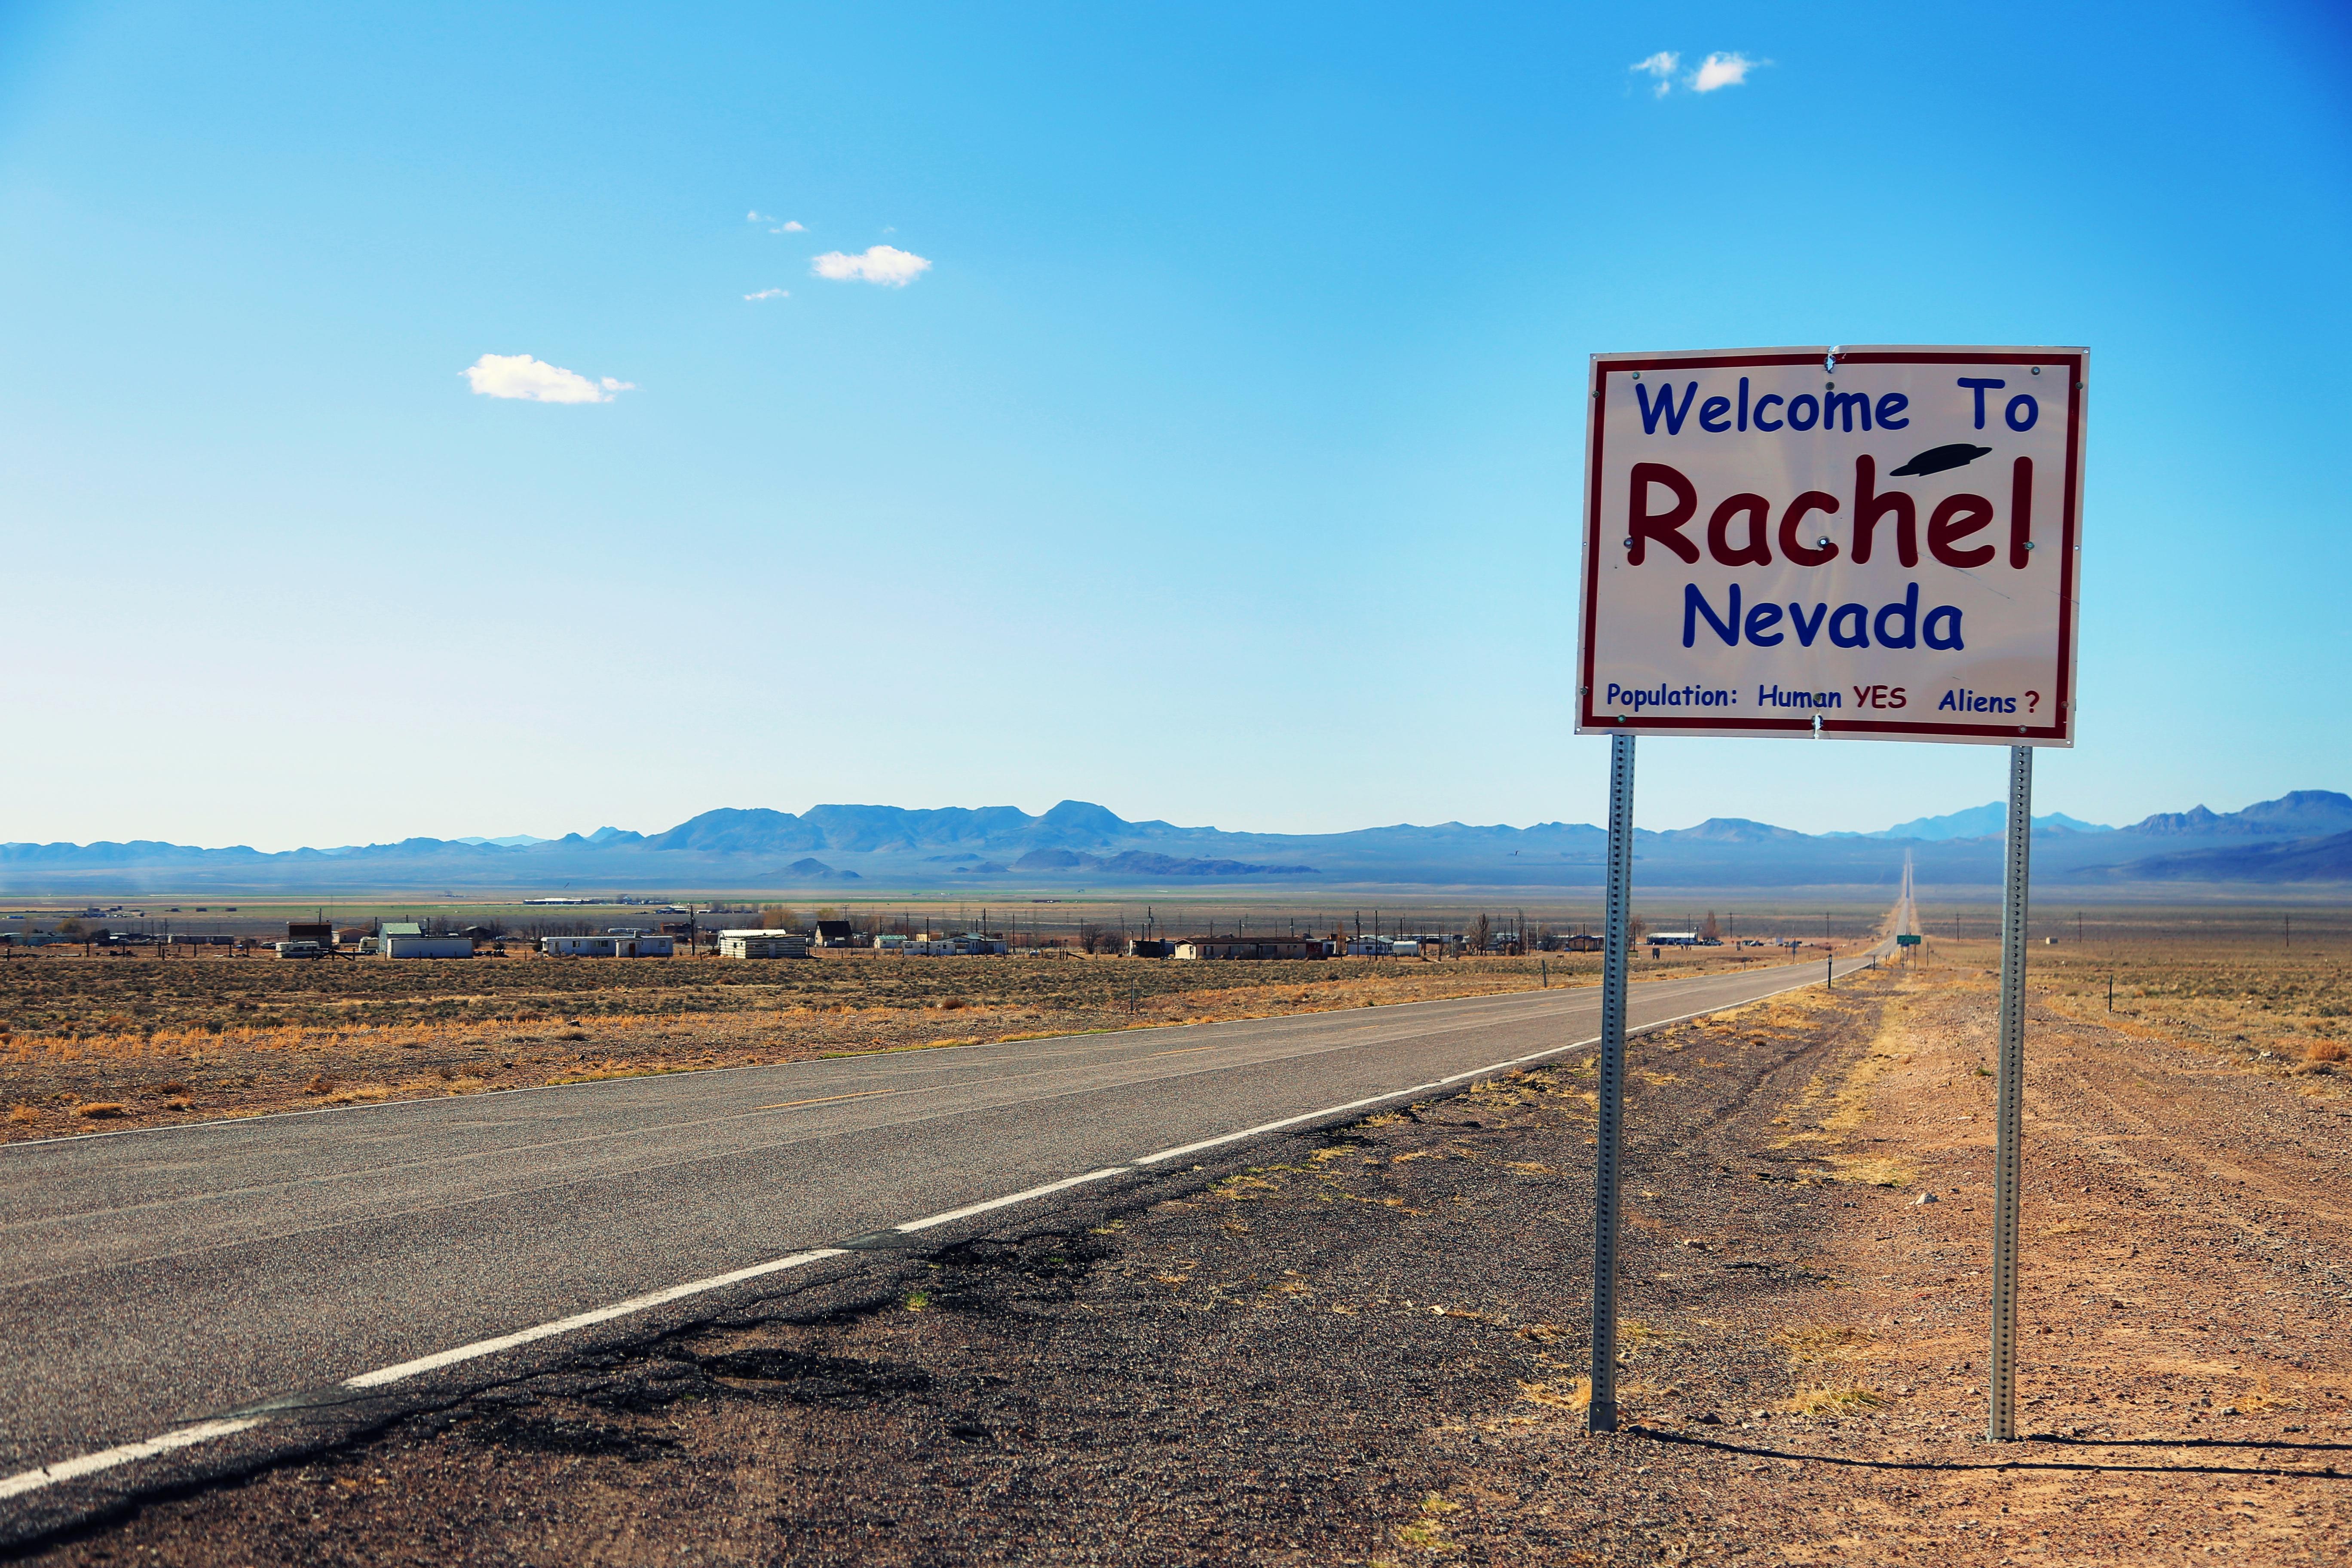 | RACHEL, NV |